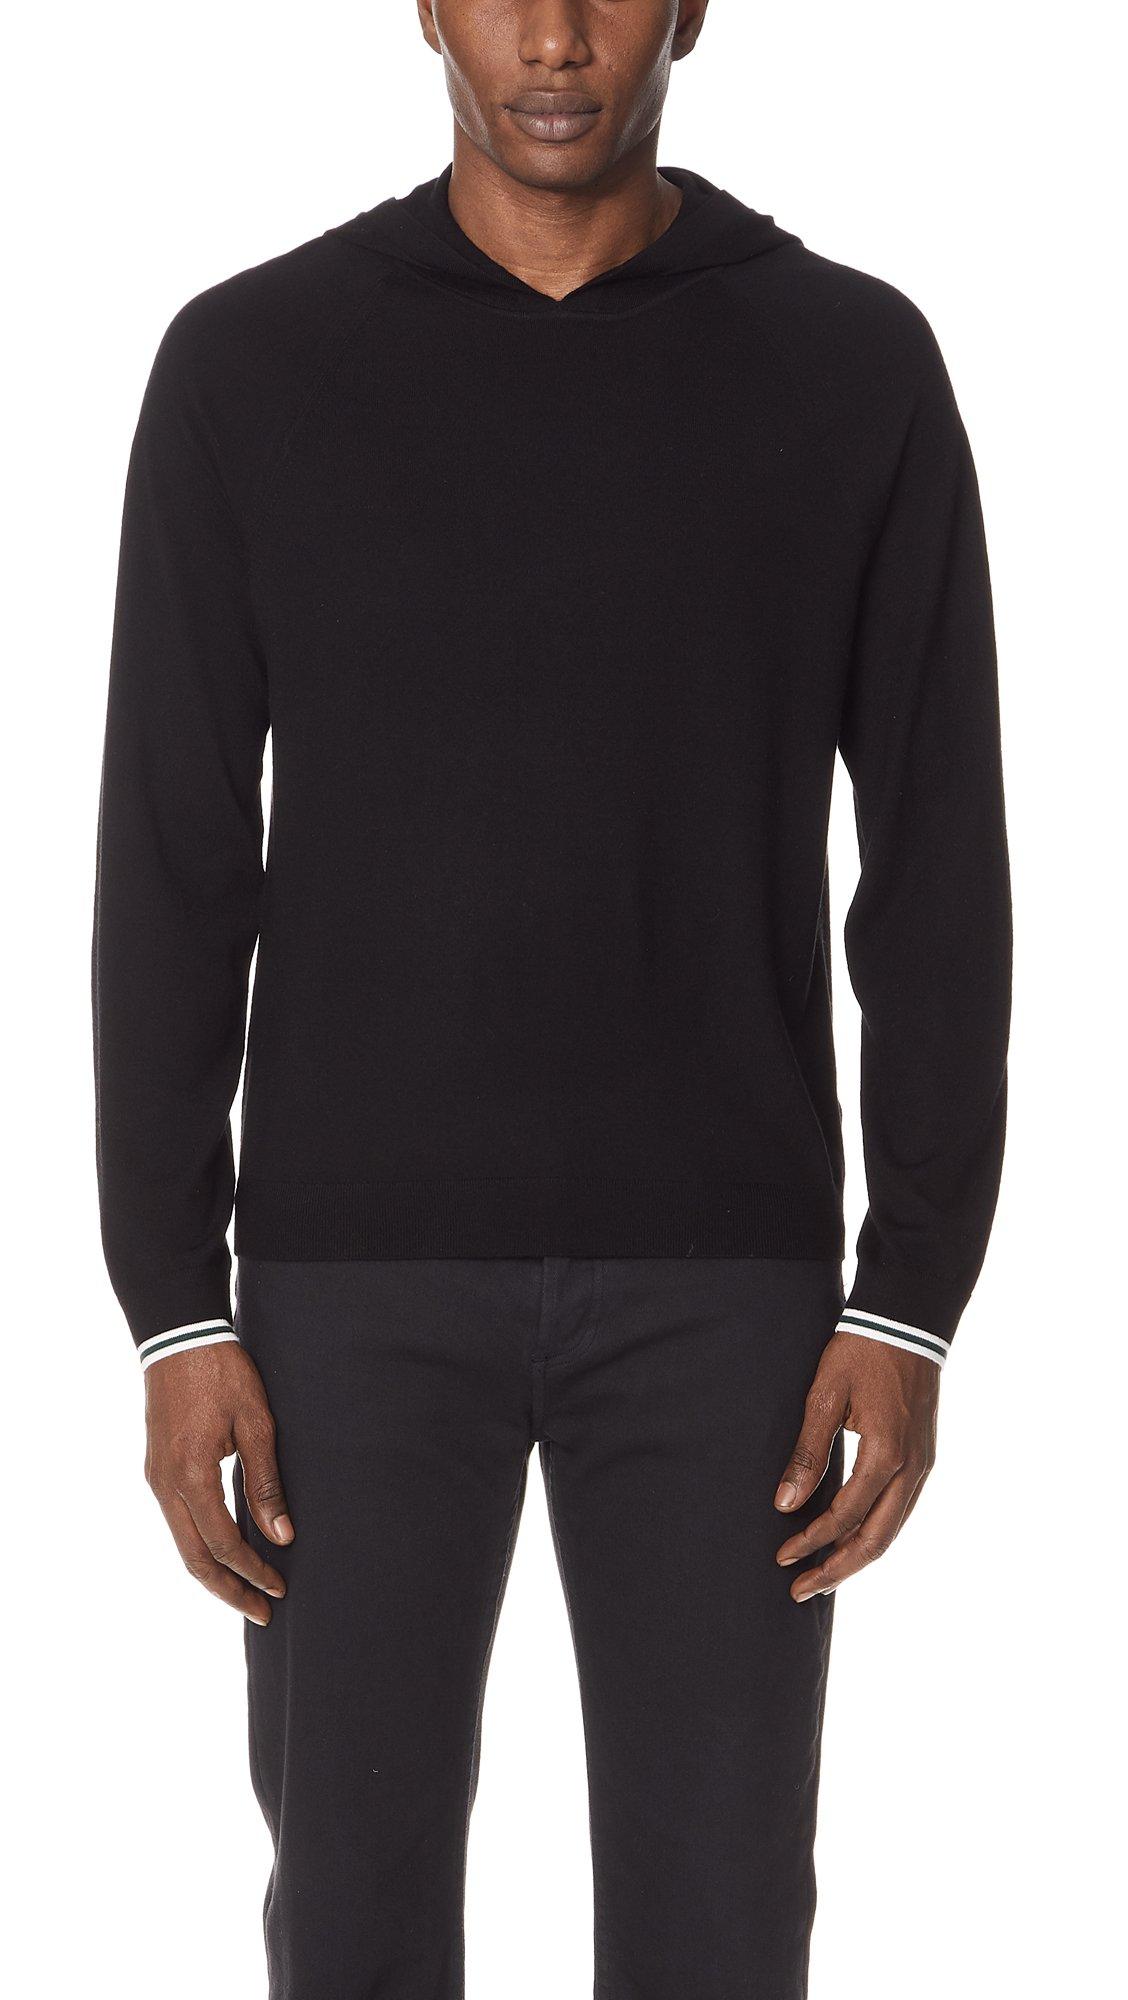 Vince Men's Pullover Hoodie Sweater, Black, Medium